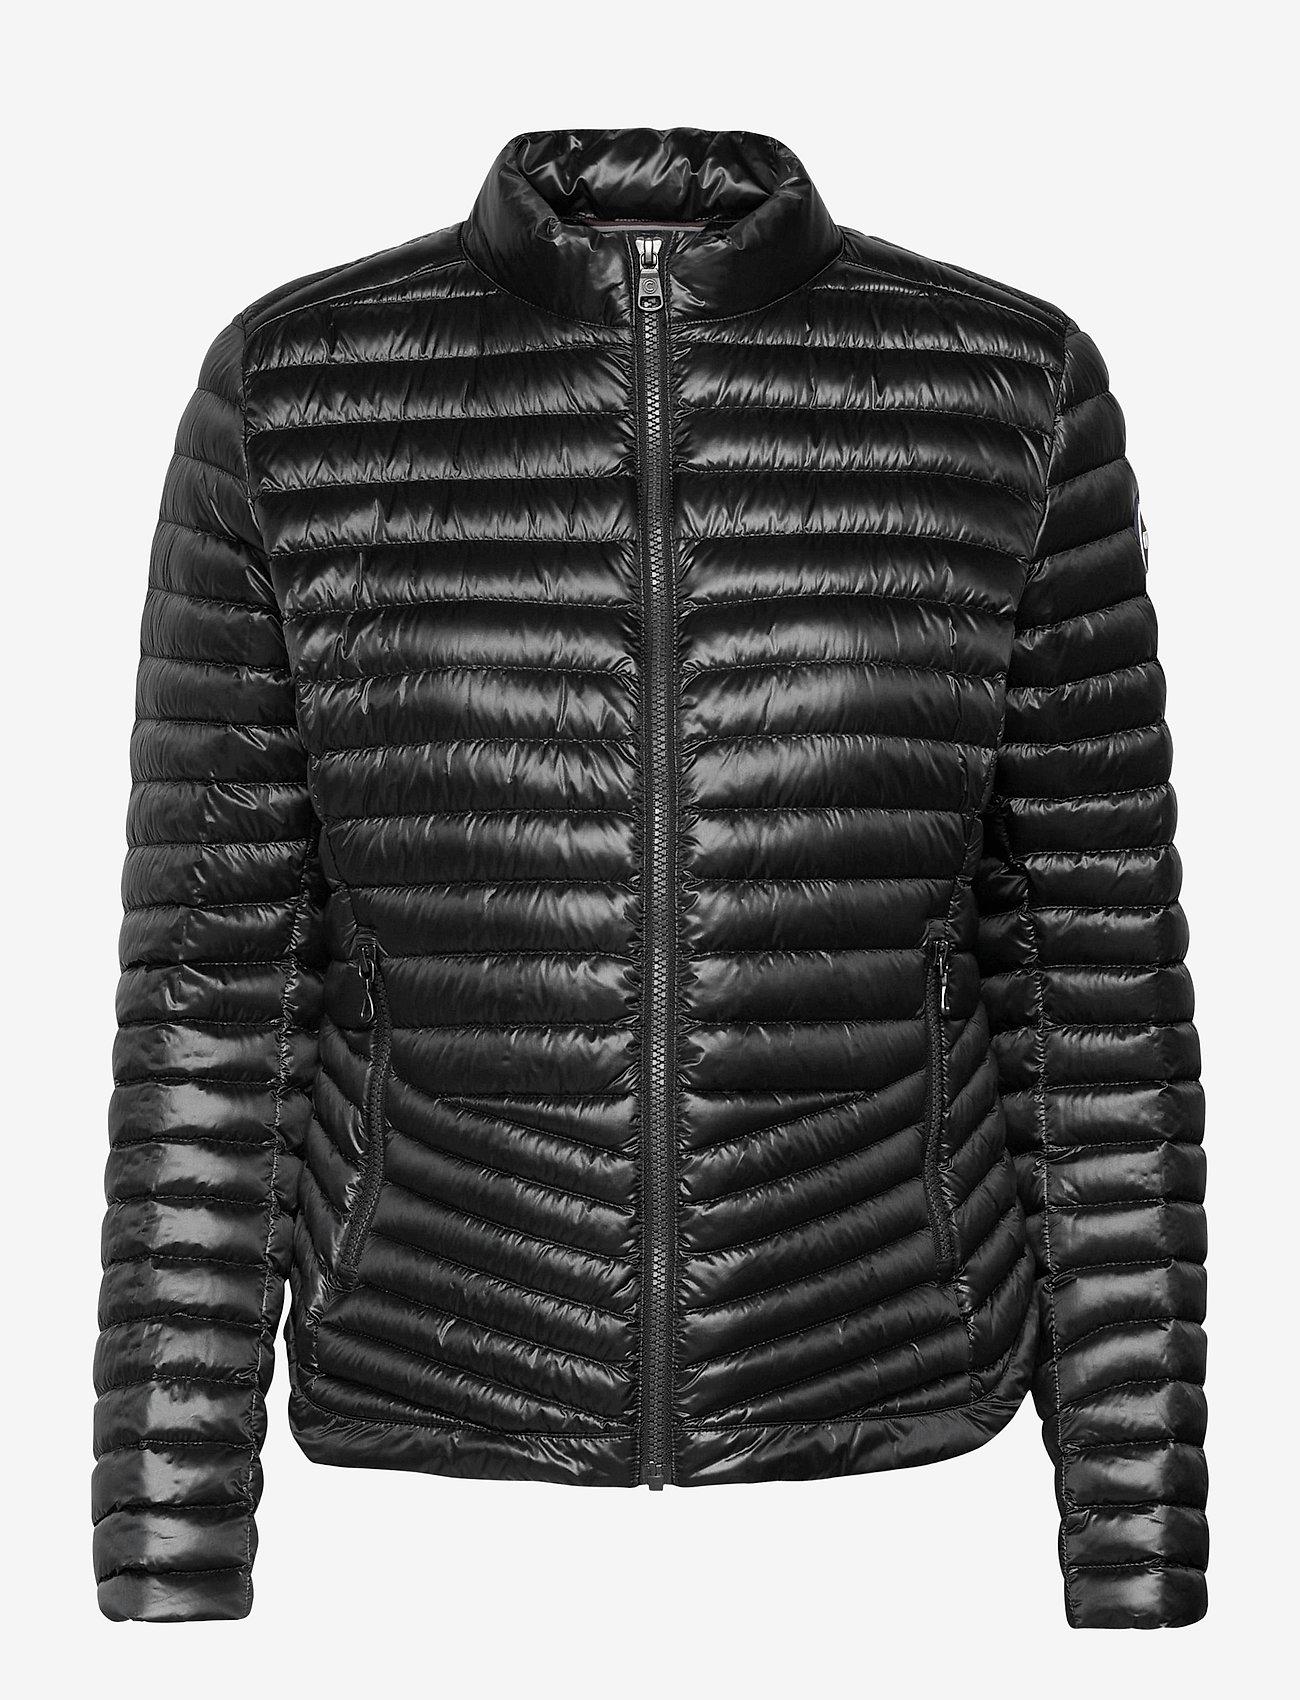 Colmar - LADIES DOWN JACKET - down- & padded jackets - dark black - 0